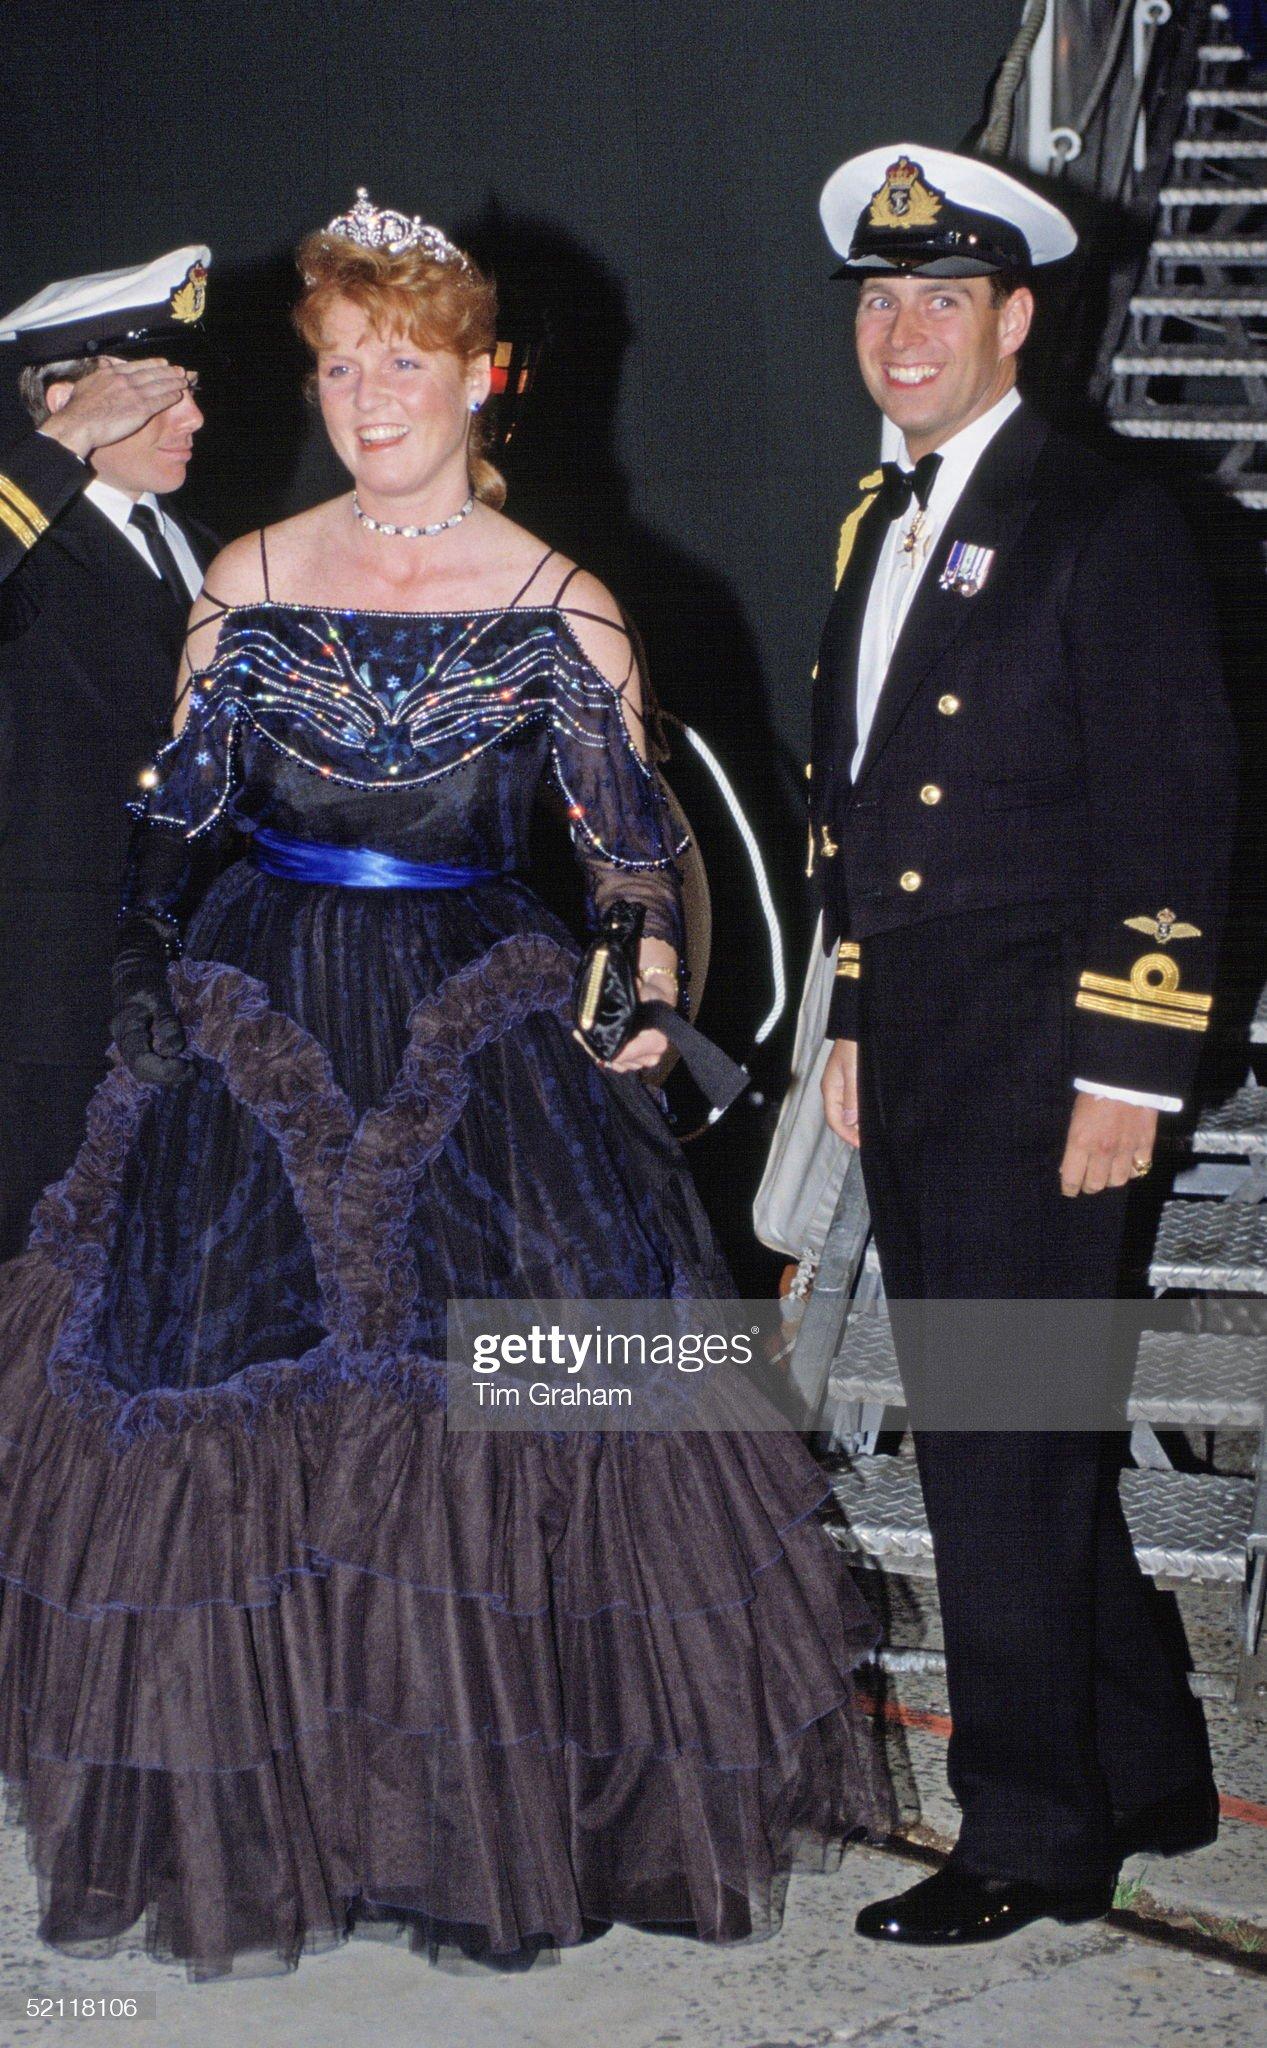 Вечерние наряды Отем пока еще Филлипс и Сары Йоркской Andrew And Sarah At Naval Dinner In Sydney : News Photo